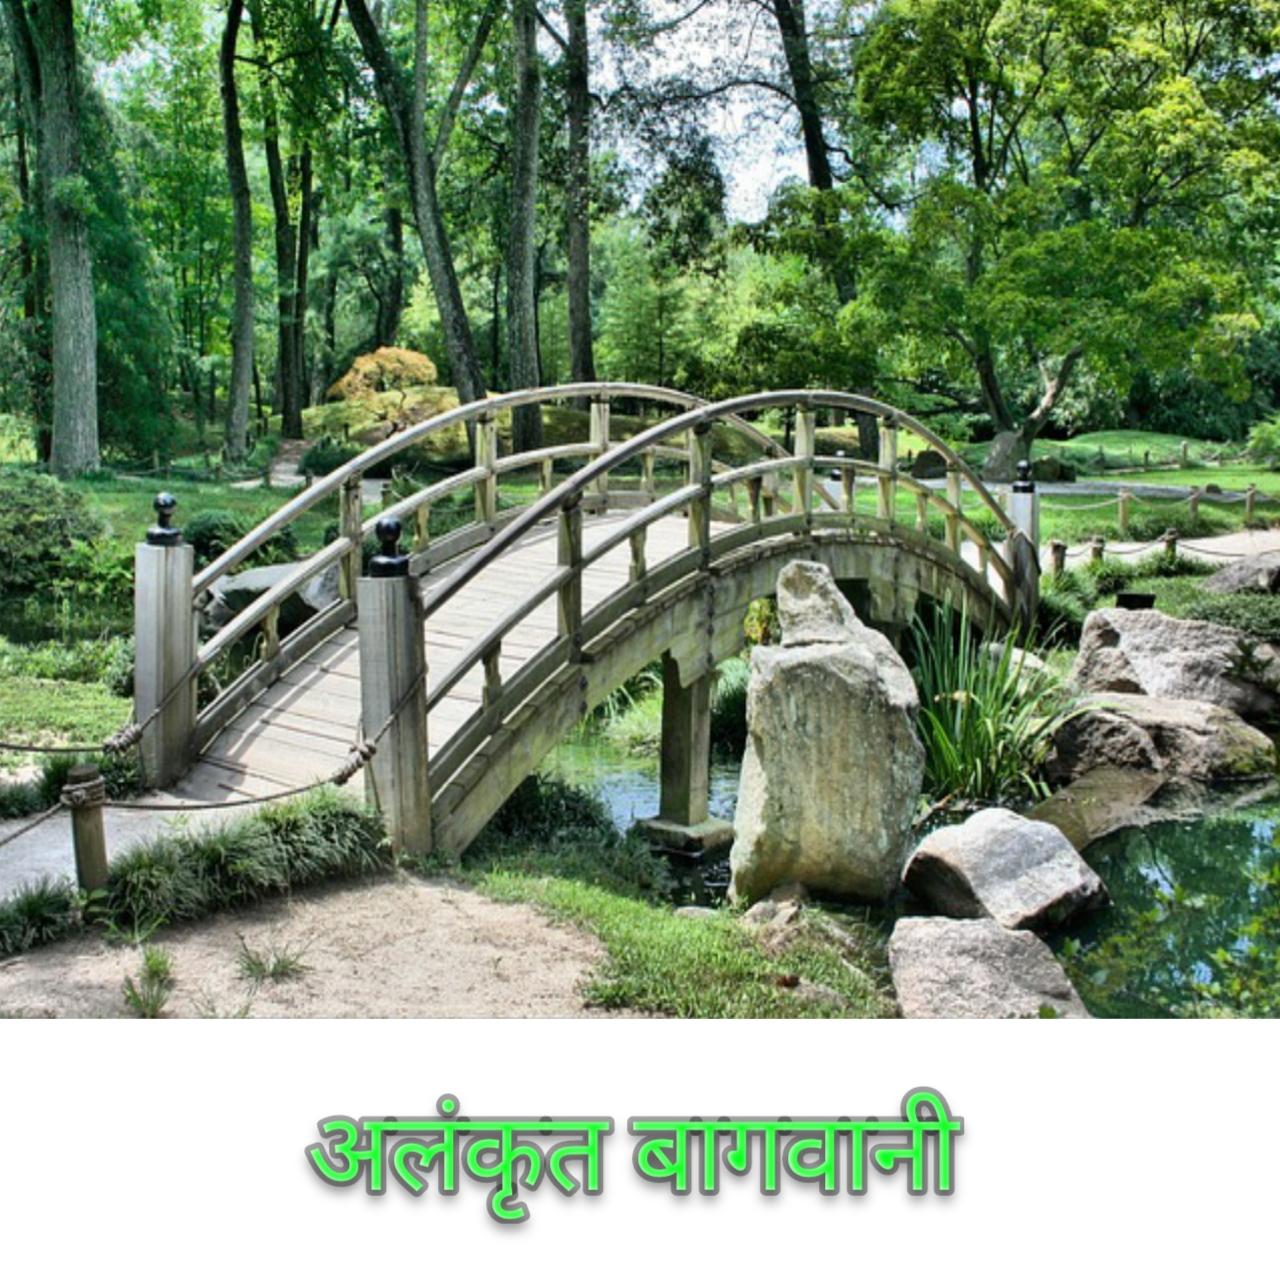 भारत में अलंकृत बागवानी का महत्व और भविष्य Importance and future of ornate gardening in India